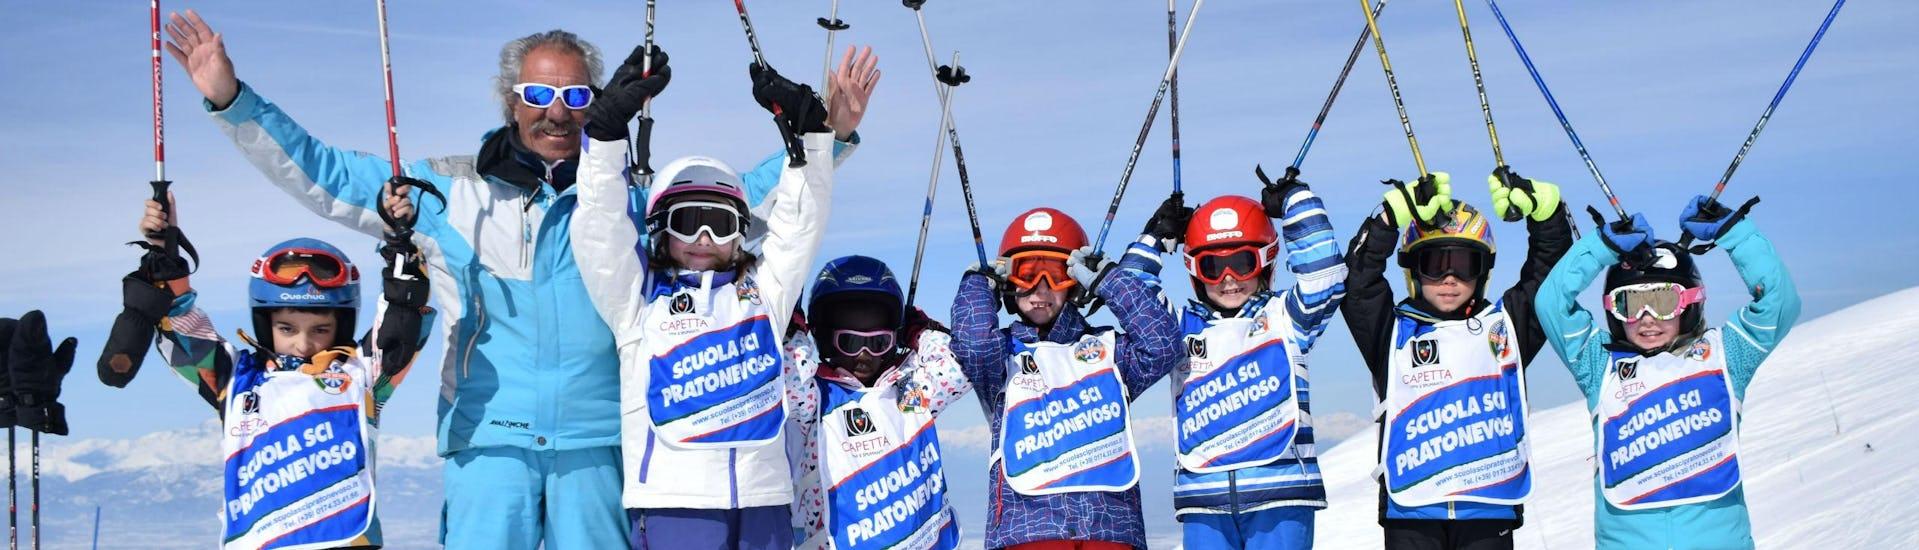 Eine Gruppe Kinder hat sichtbar Spaß bei ihrem Kinder Skikurs (5-14 Jahre) - Alle Levels mit der Skischule Scuola di Sci e Snowboard Prato Nevoso.